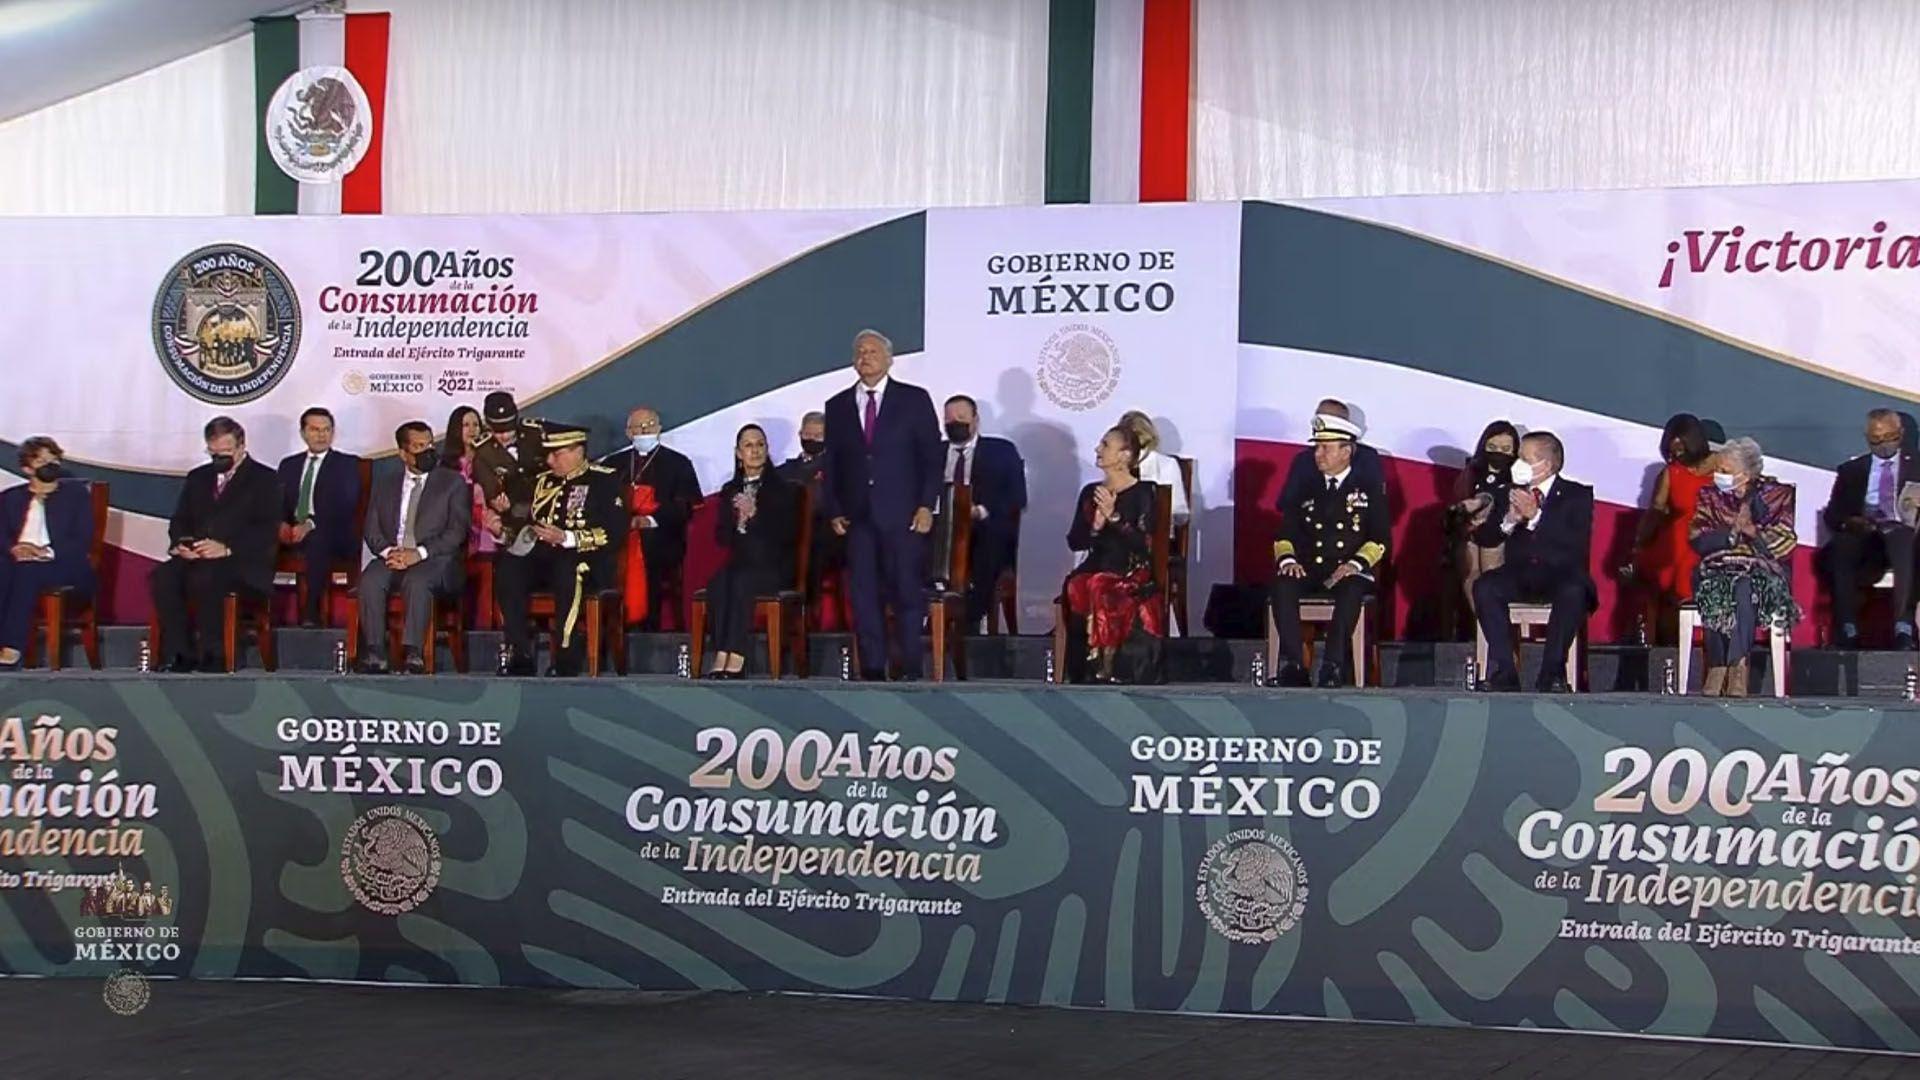 200 Años de la Consumación de la Independencia (Foto: Captura de pantalla/Gobierno de México)